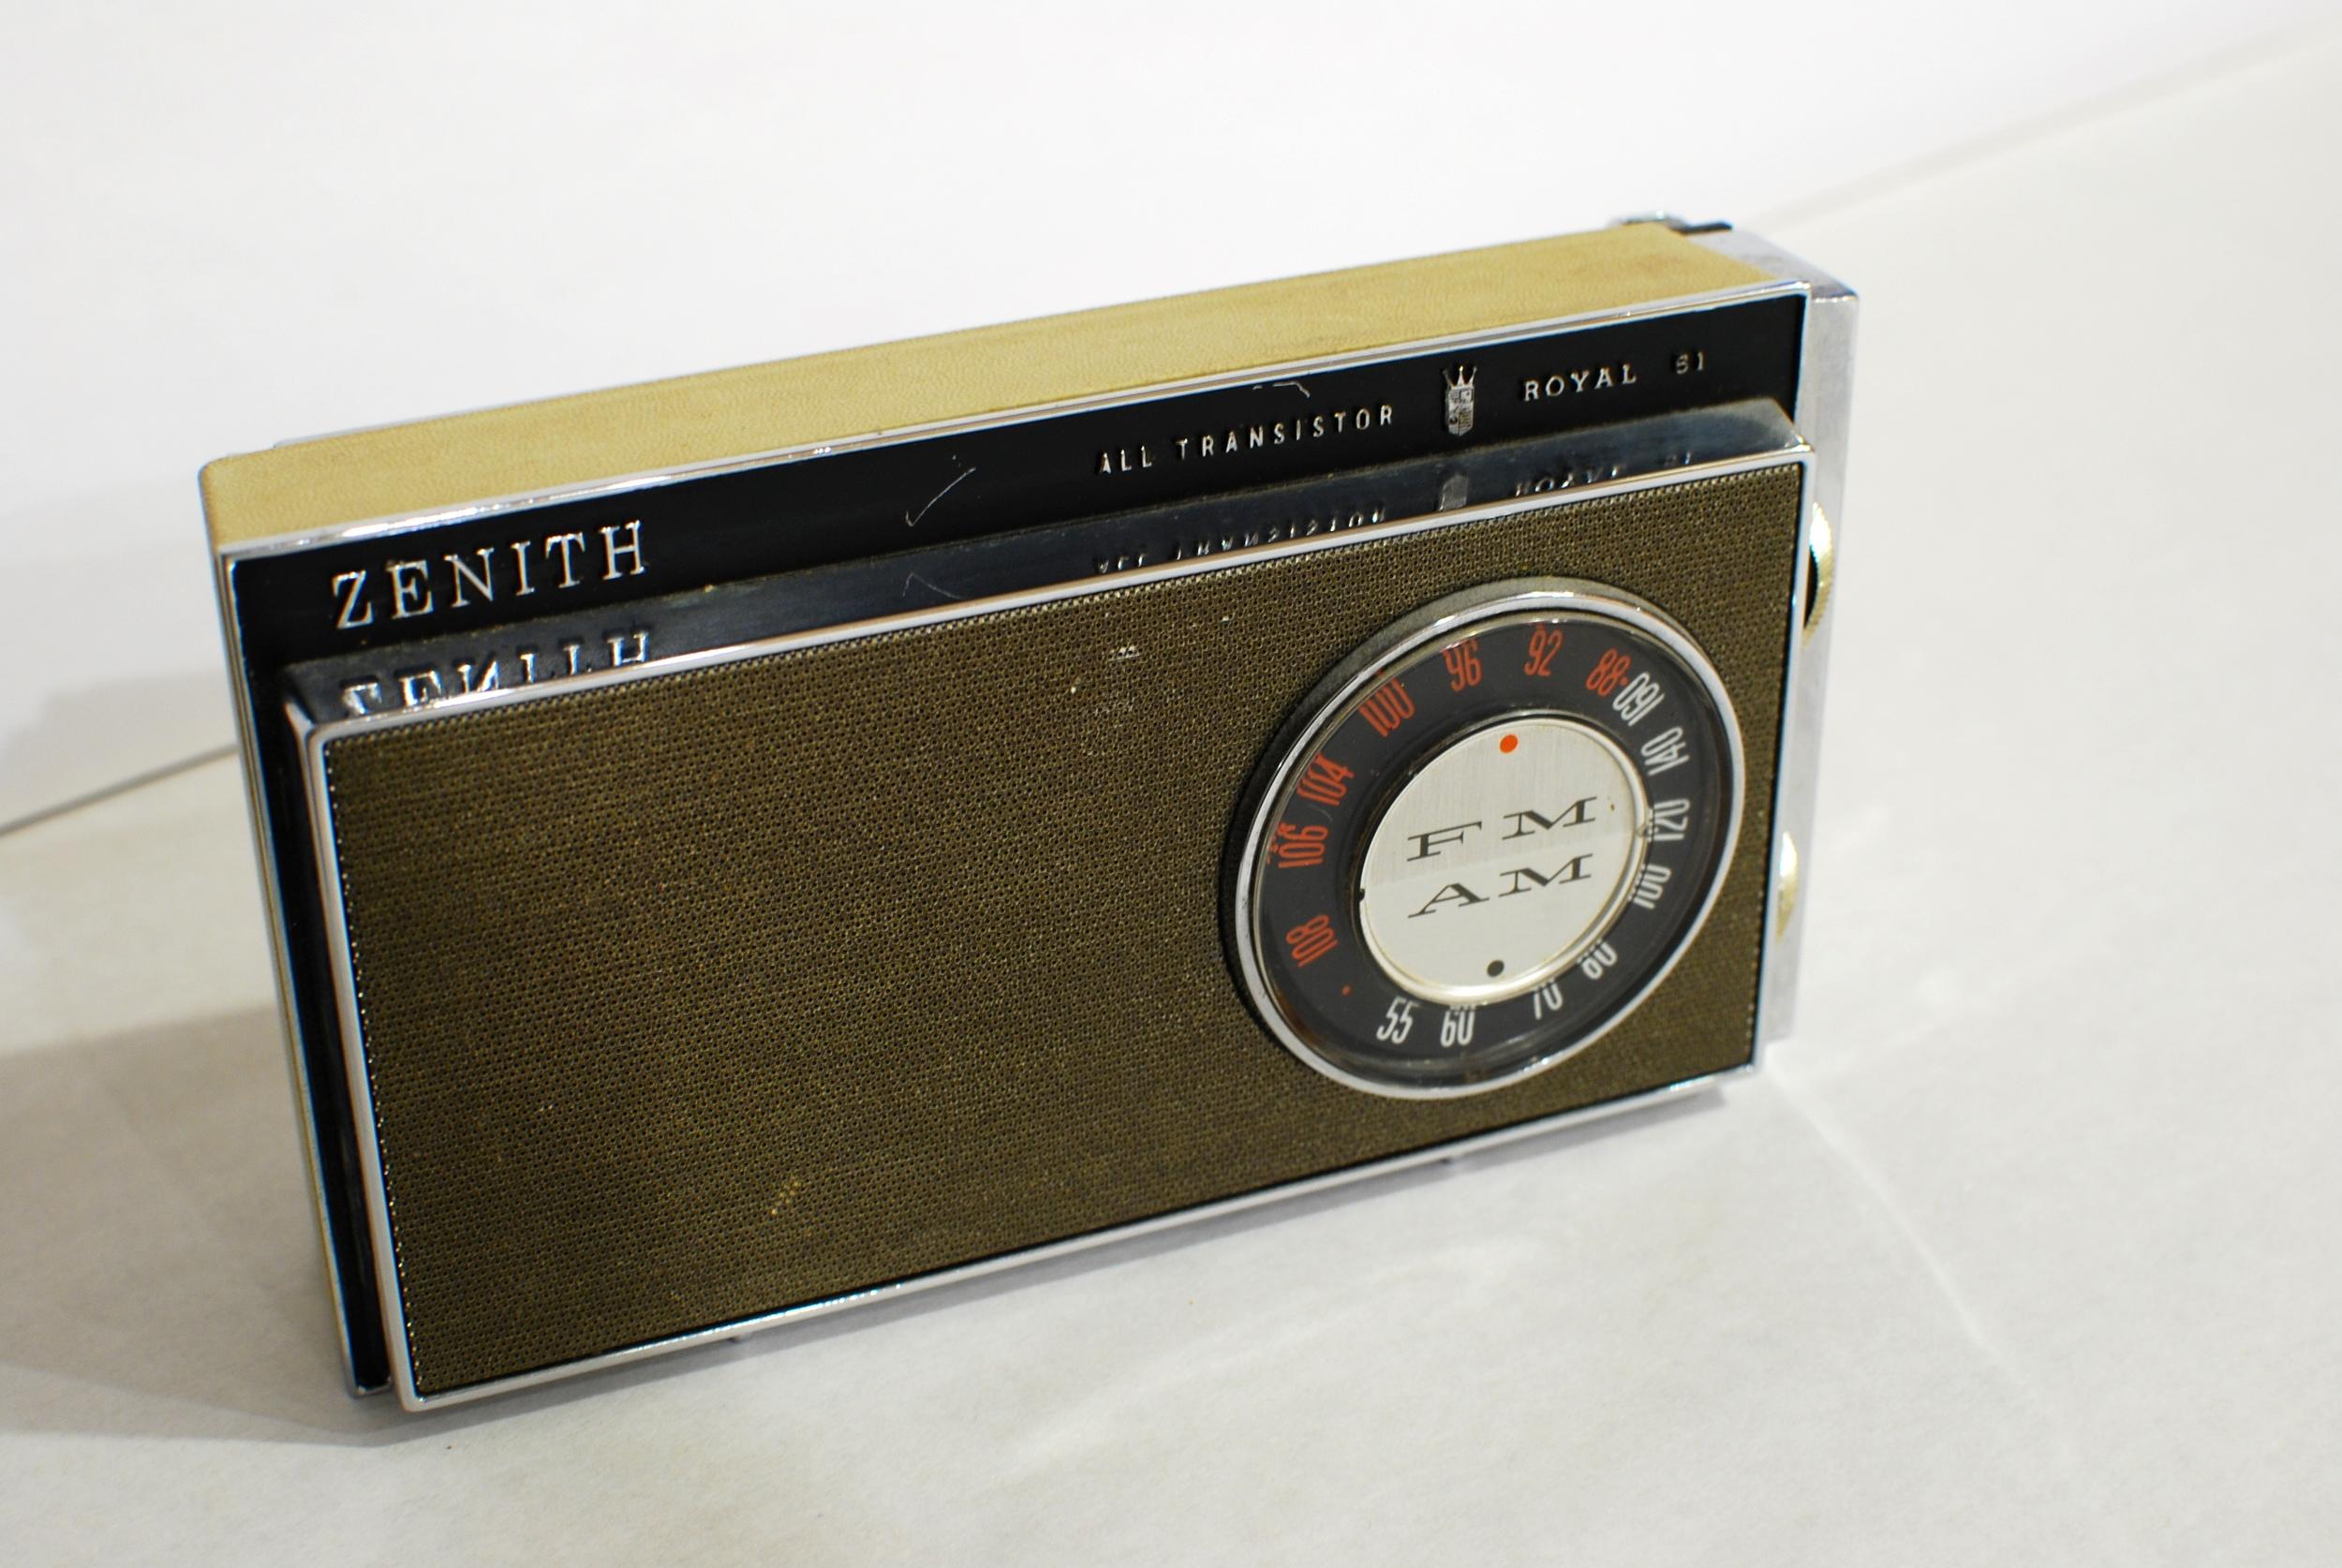 Zenith Royal 51